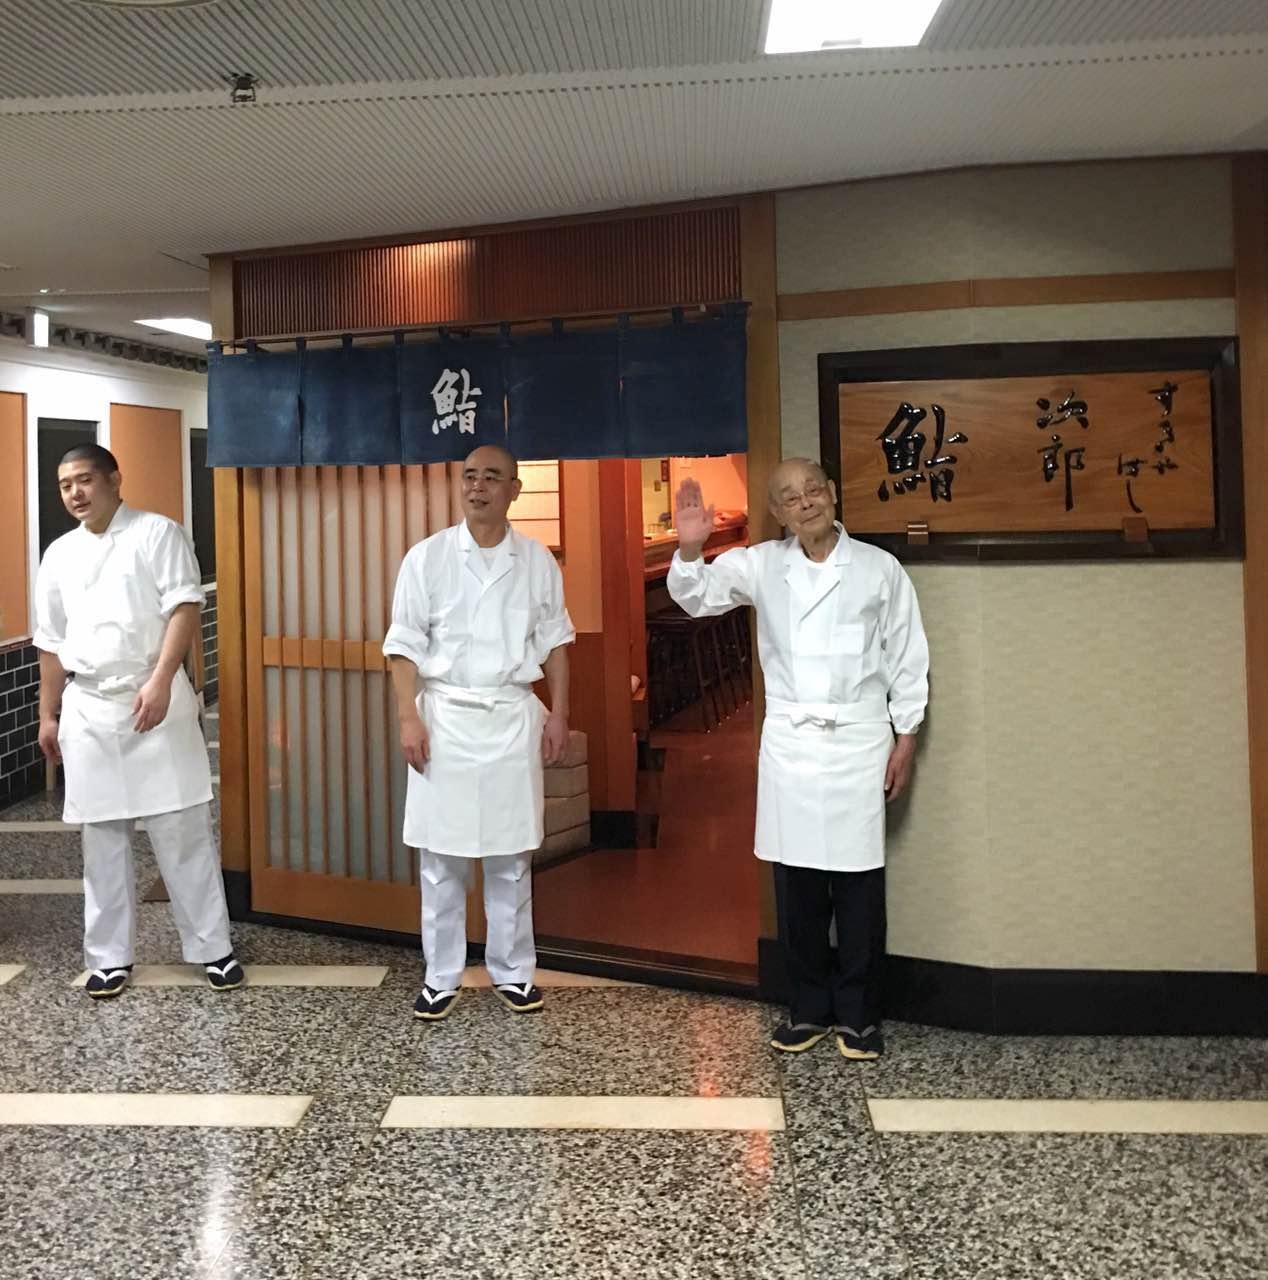 小野二郎与大儿子小野祯一,以及一学徒,这笑容其实不容易见到......图片来源TastyTrip